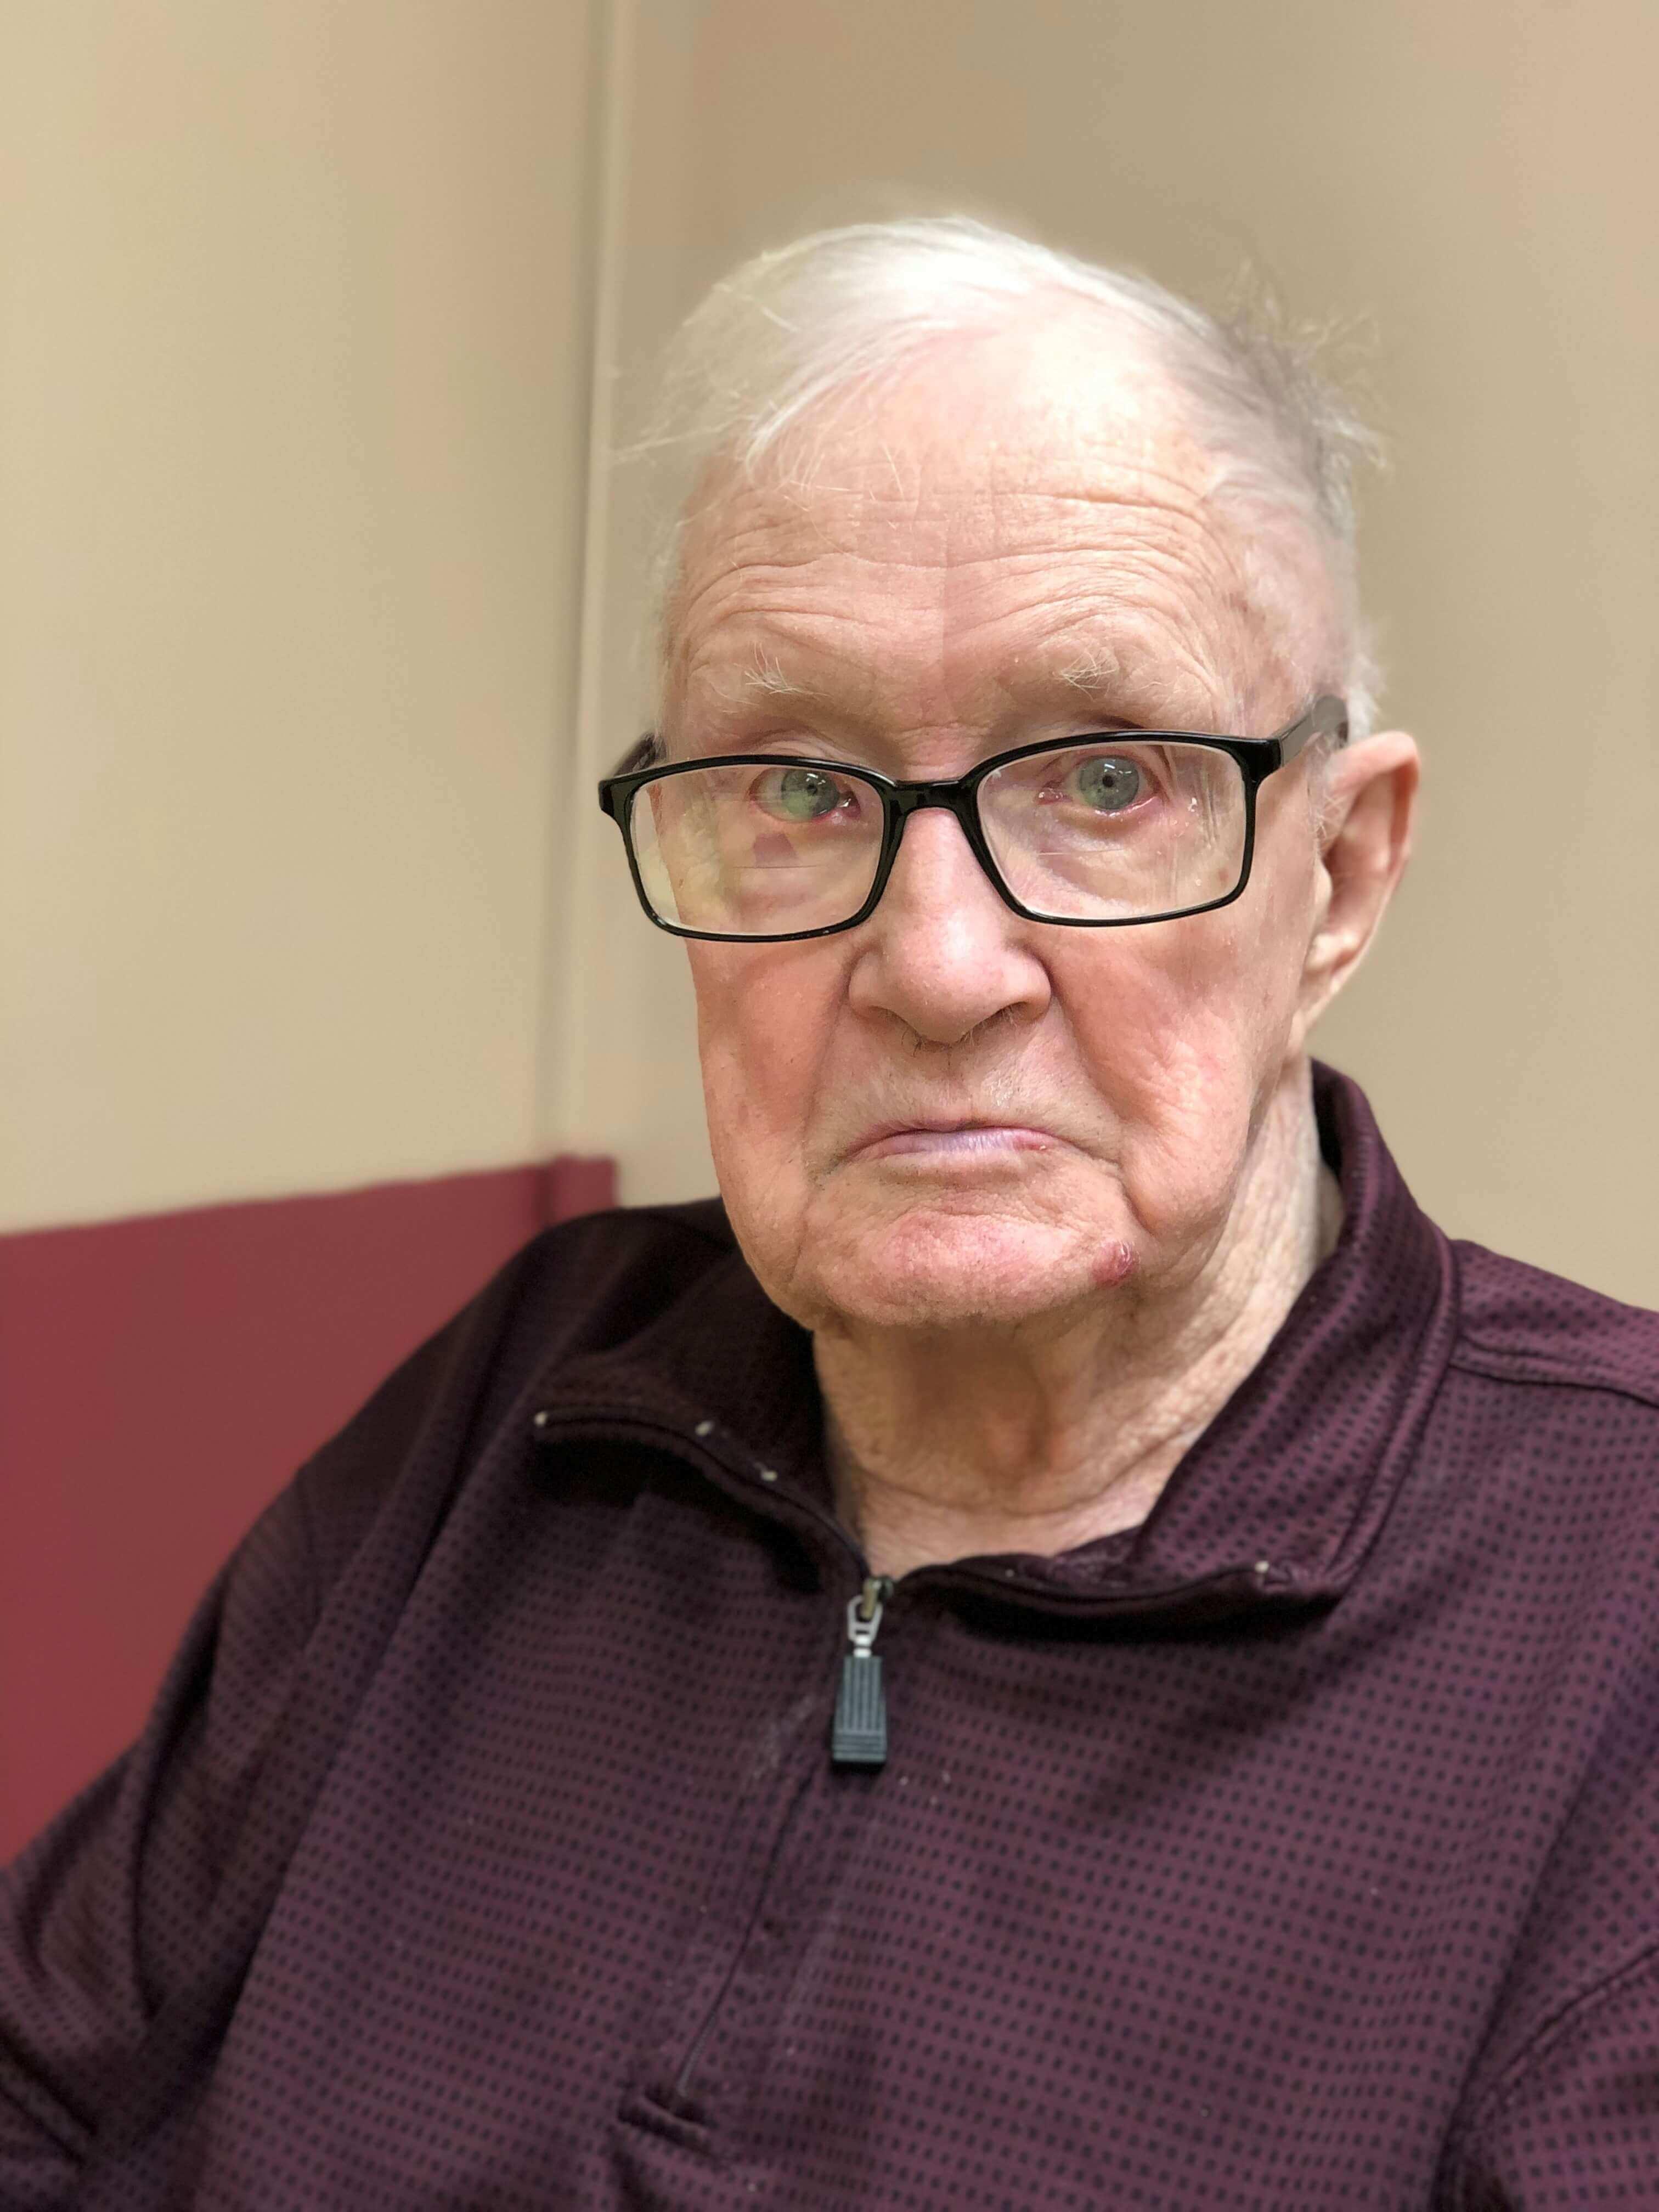 Testimonial photo for Leland (Lee) Volden